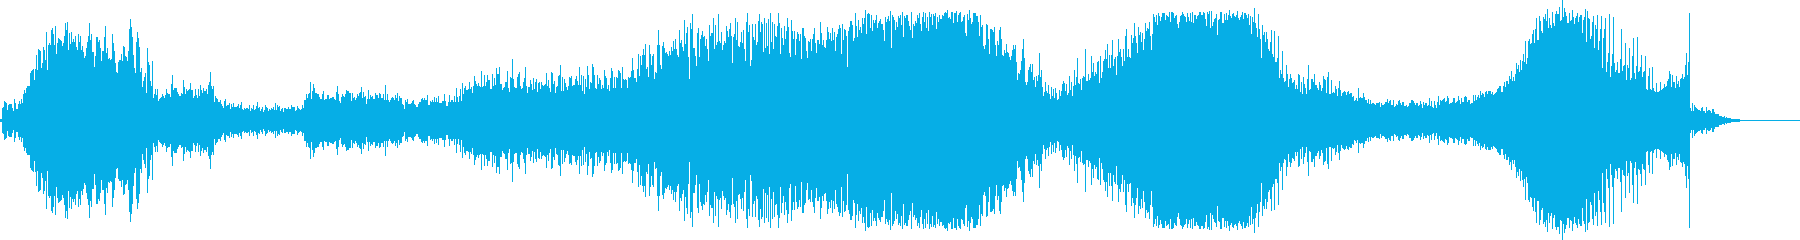 ロボットの動き、ラチェット、クラン...の再生済みの波形